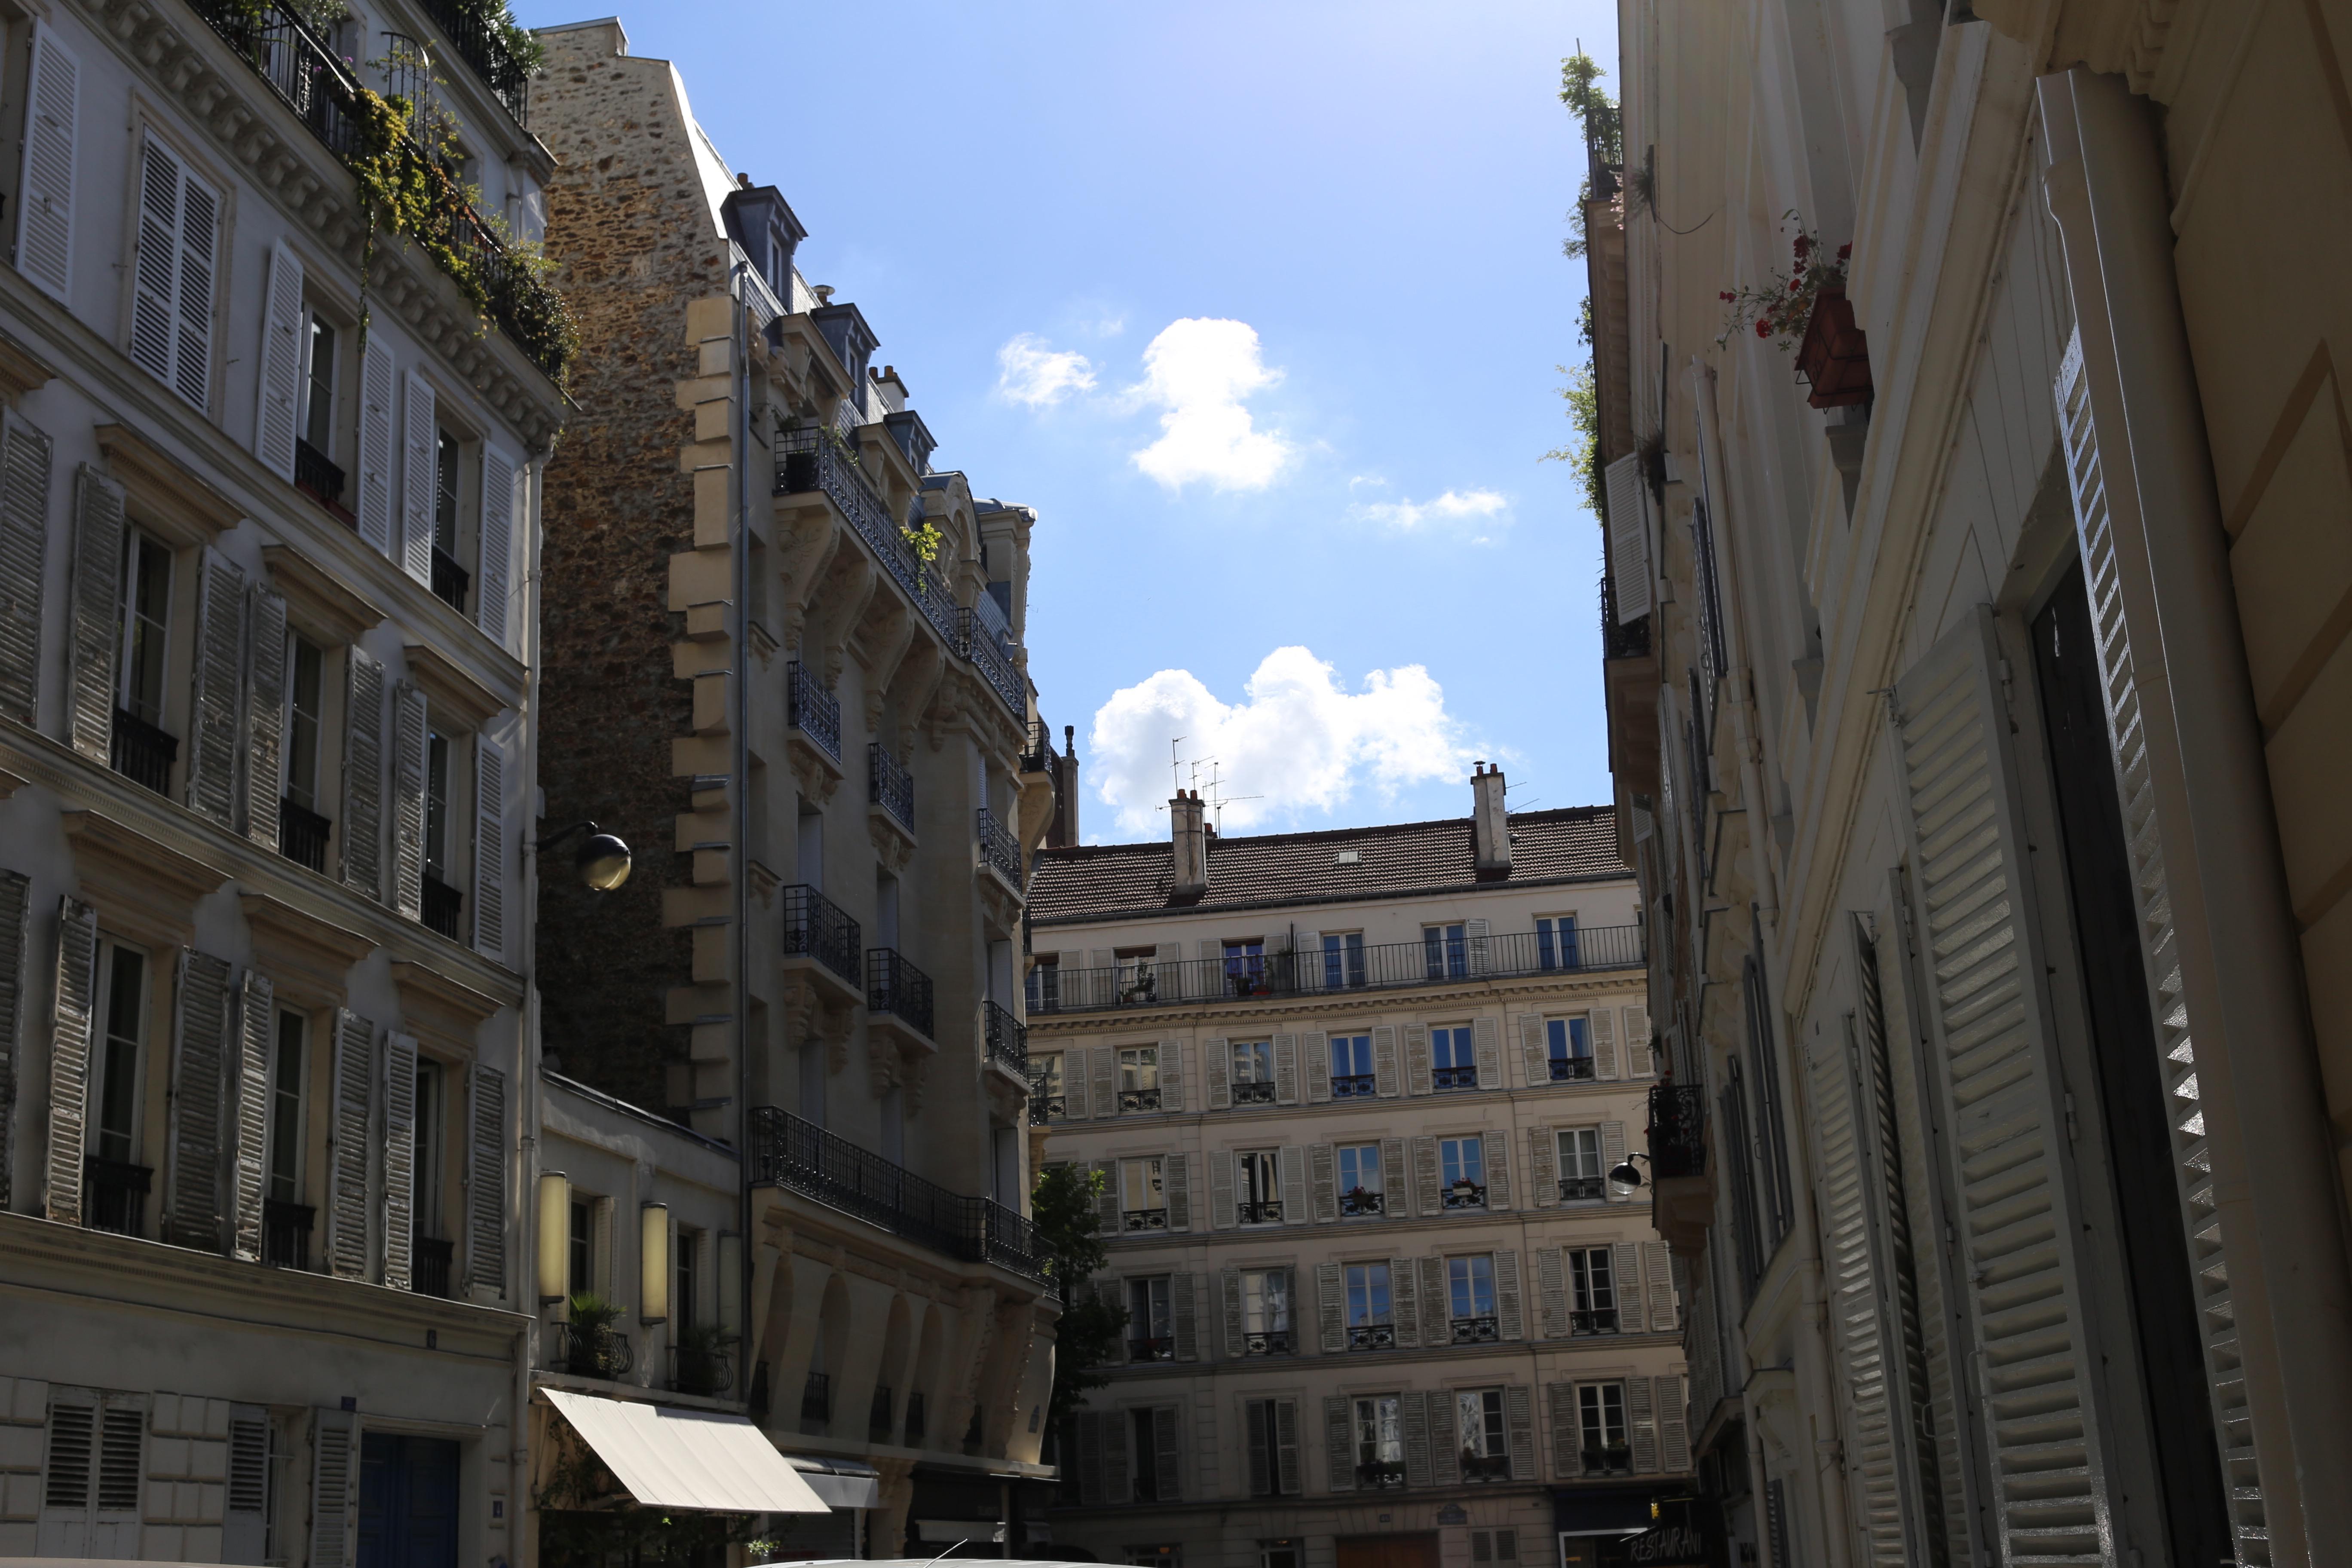 montmartre-wochenende-in-paris-reiseblogger-tipps-reiseübelkeit-reisen-frankreich